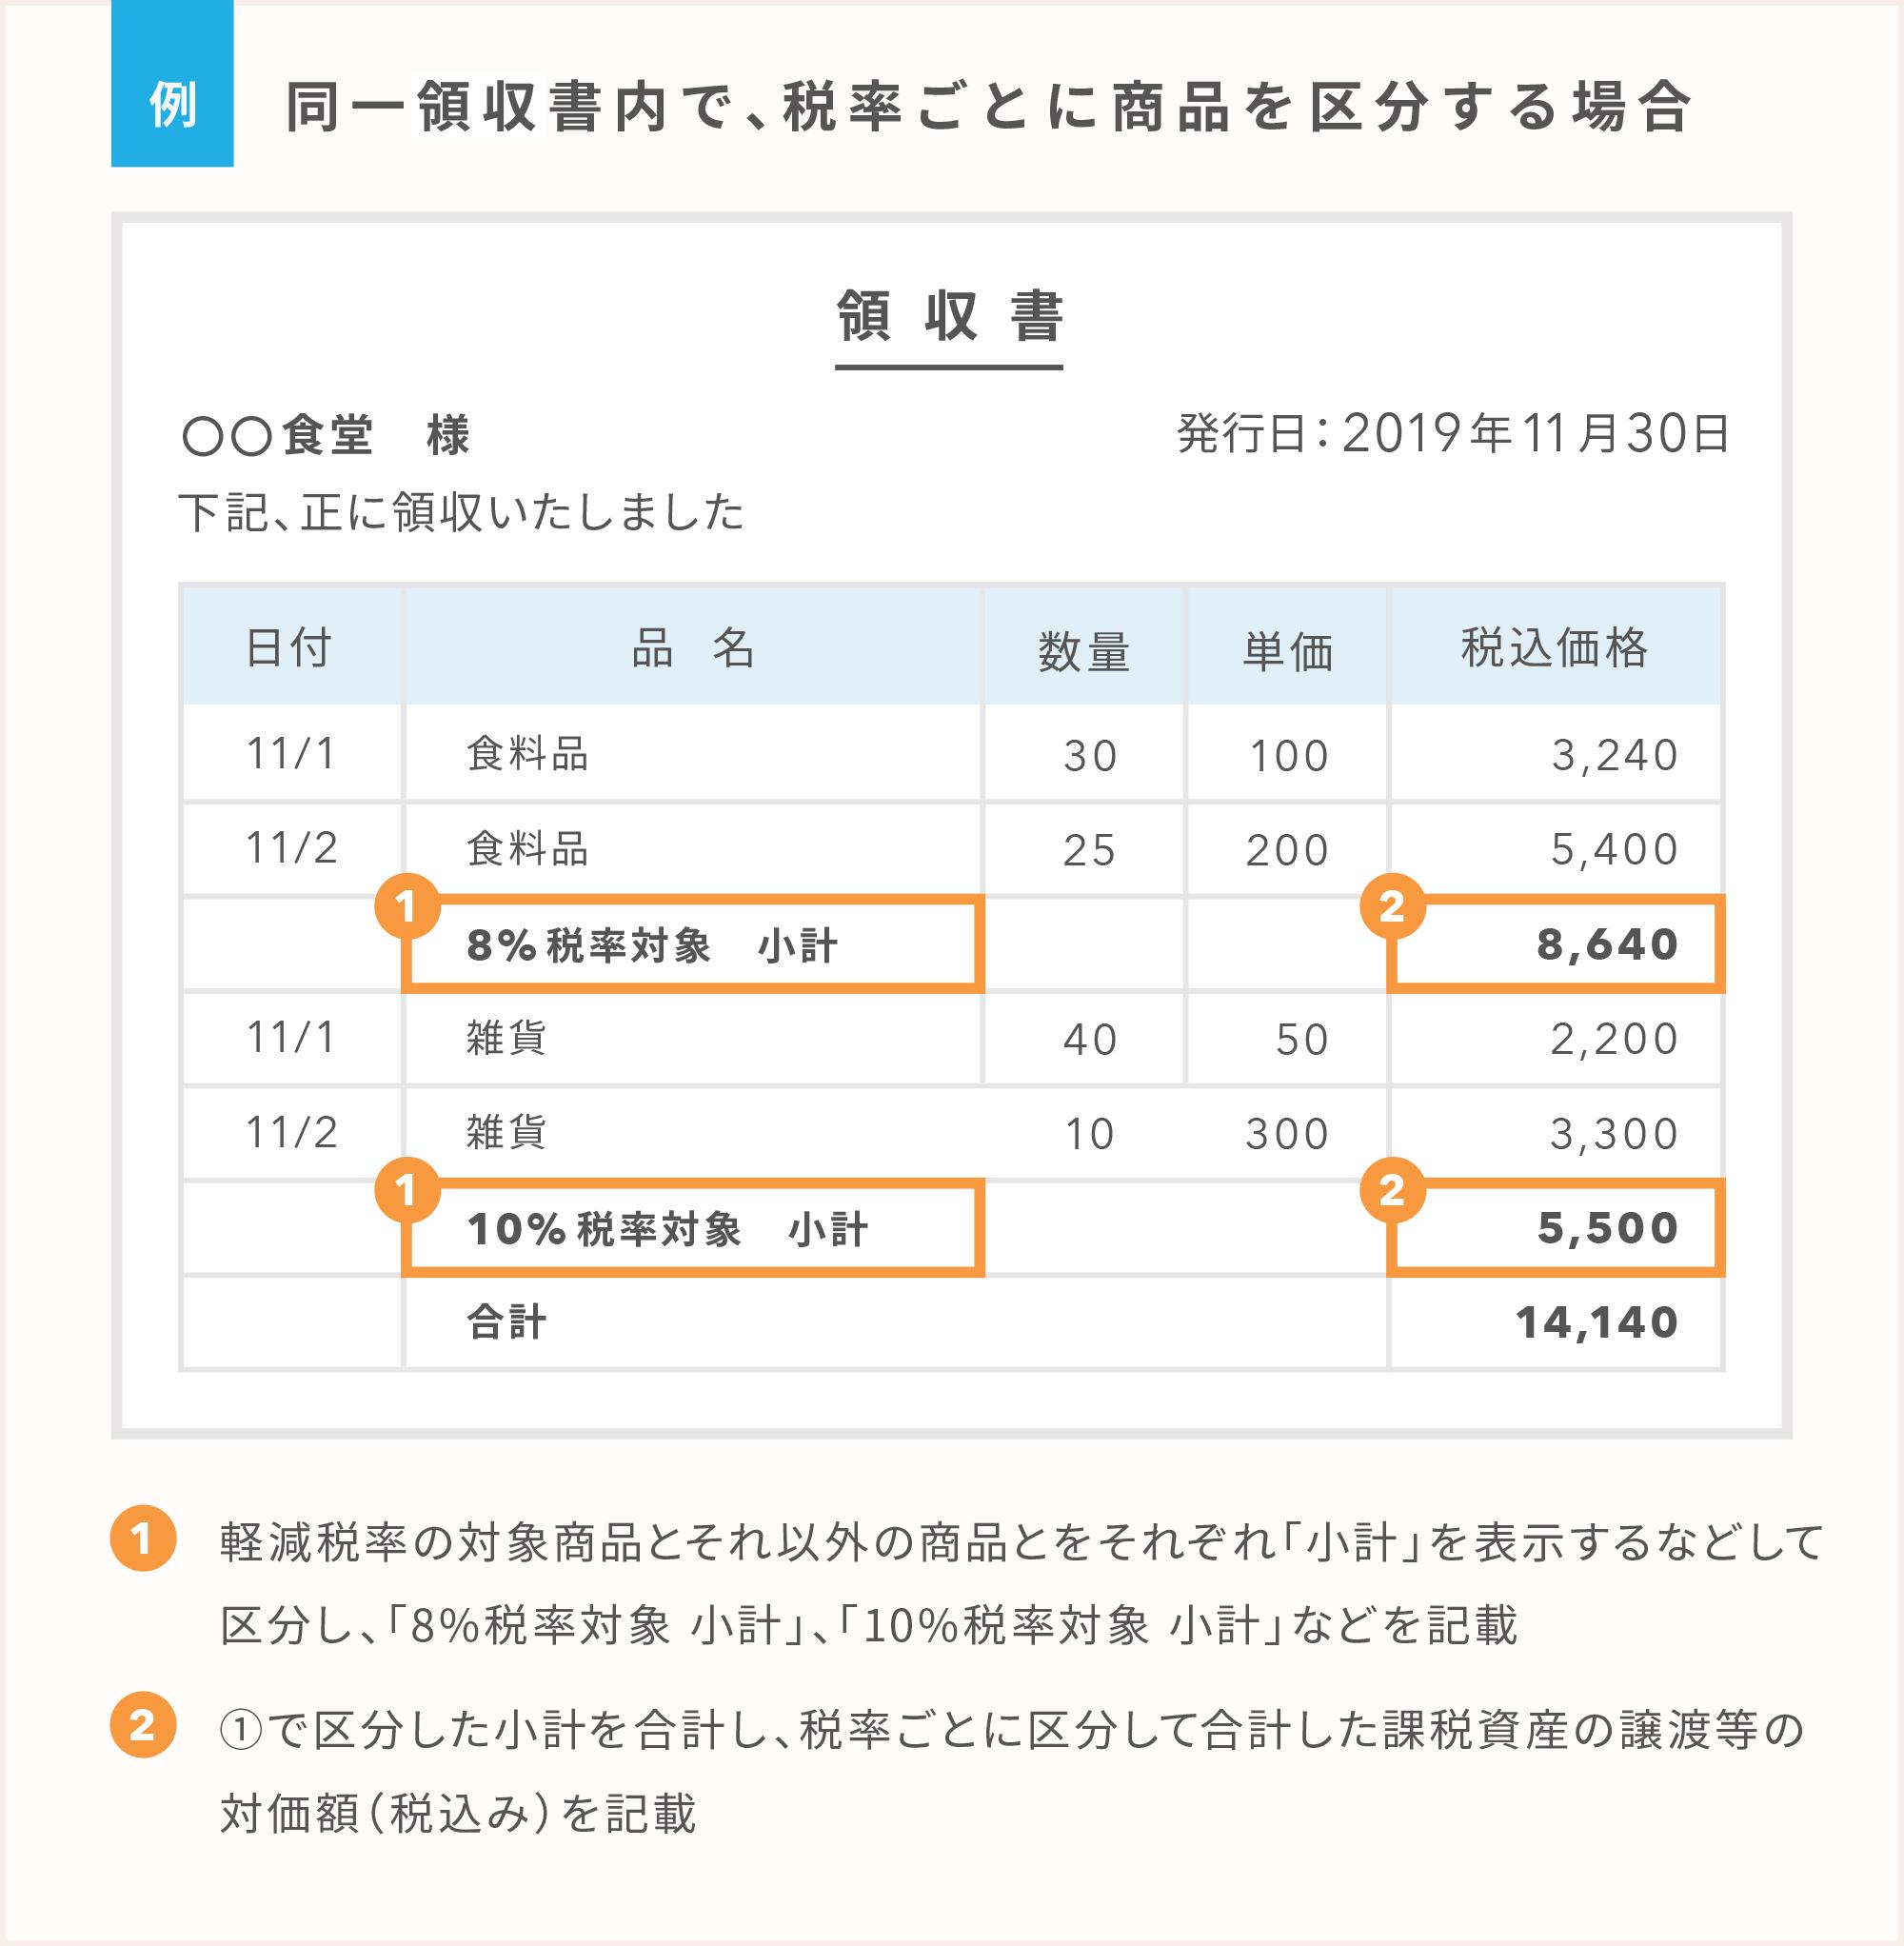 区分記載領収書の例a-2